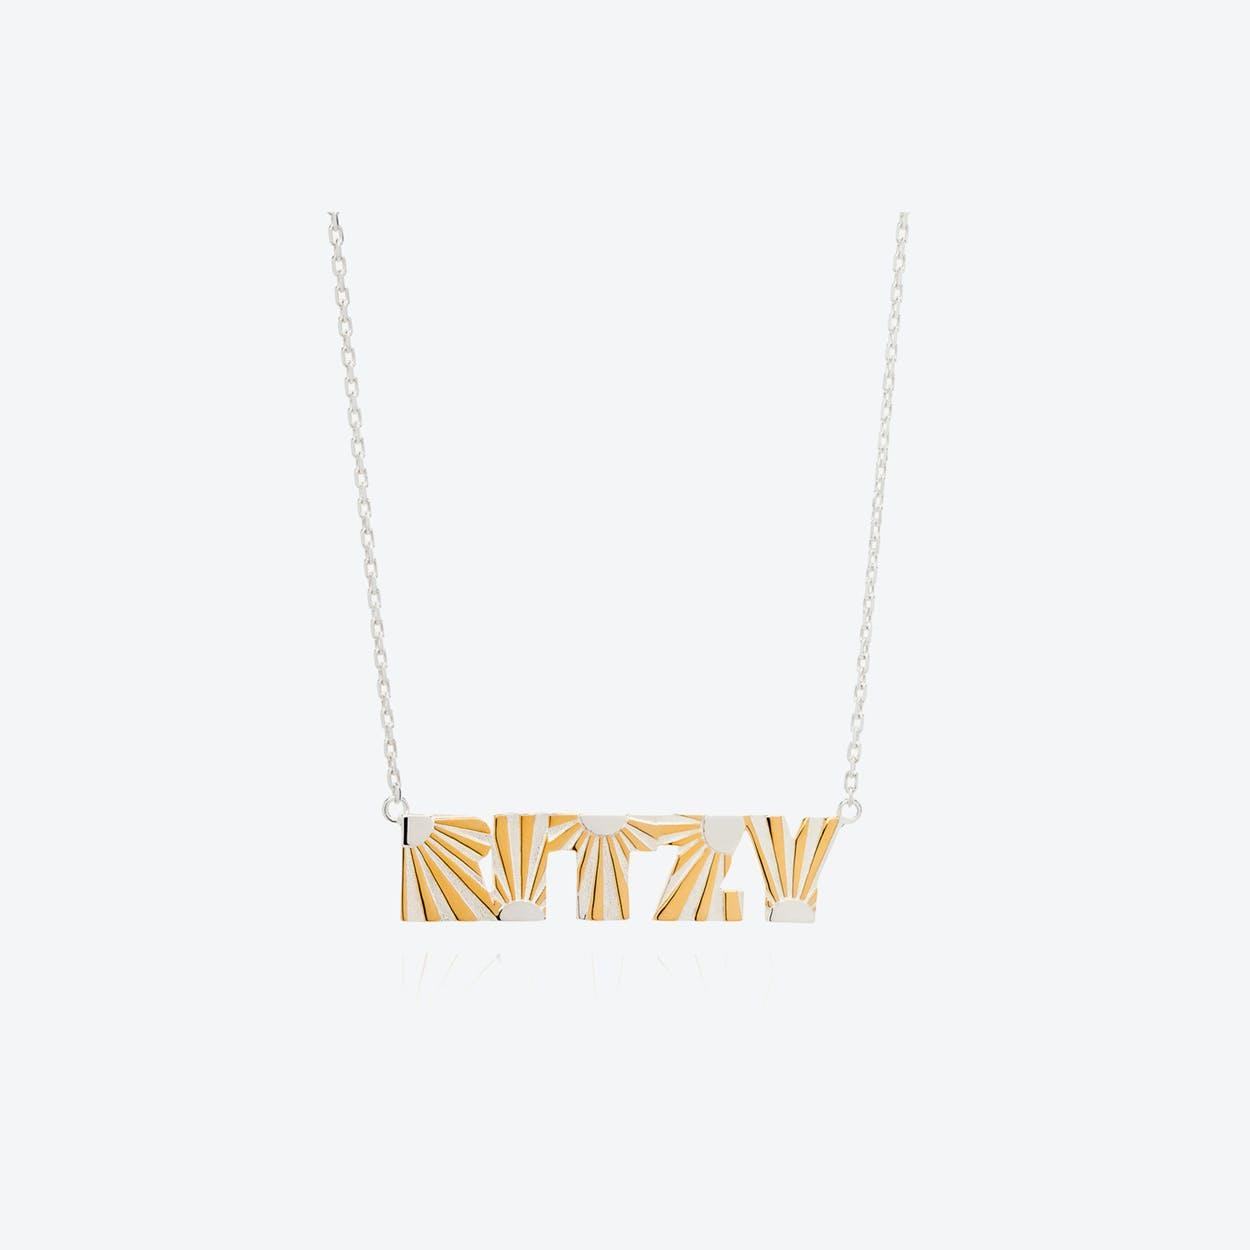 Ritzy Necklace